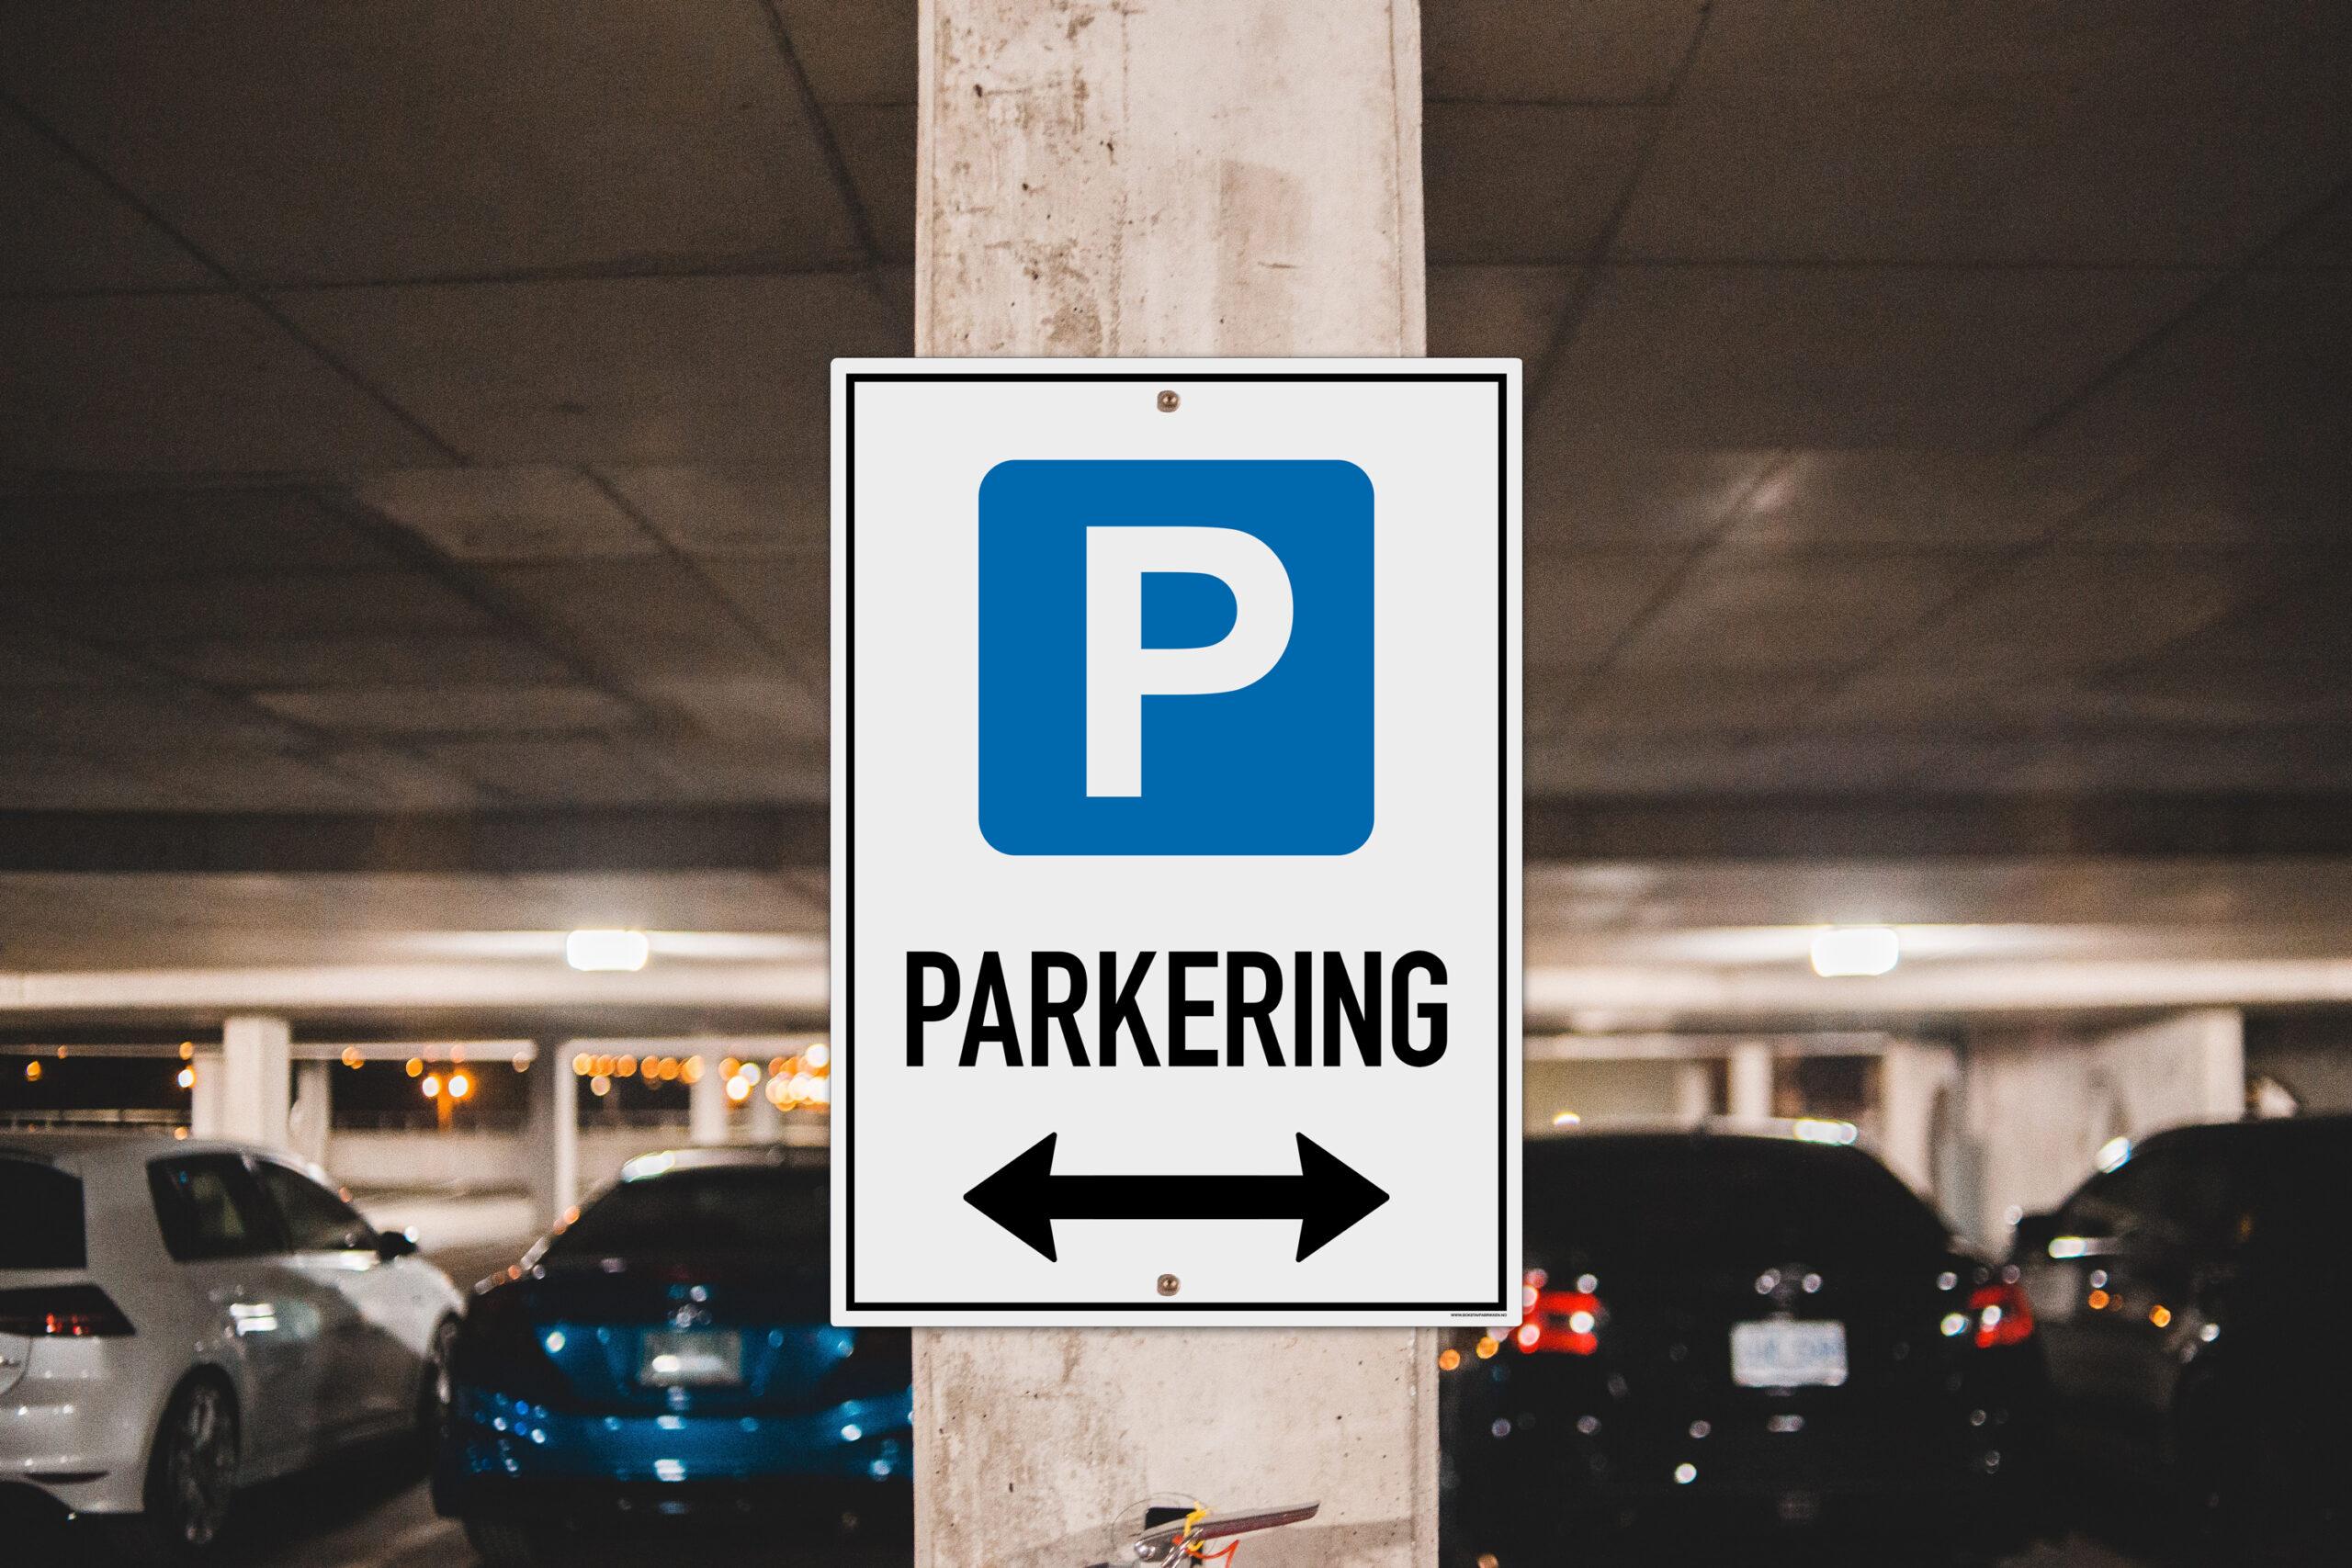 Bilde av et parkeringsskilt på veggen i et parkeringshus.